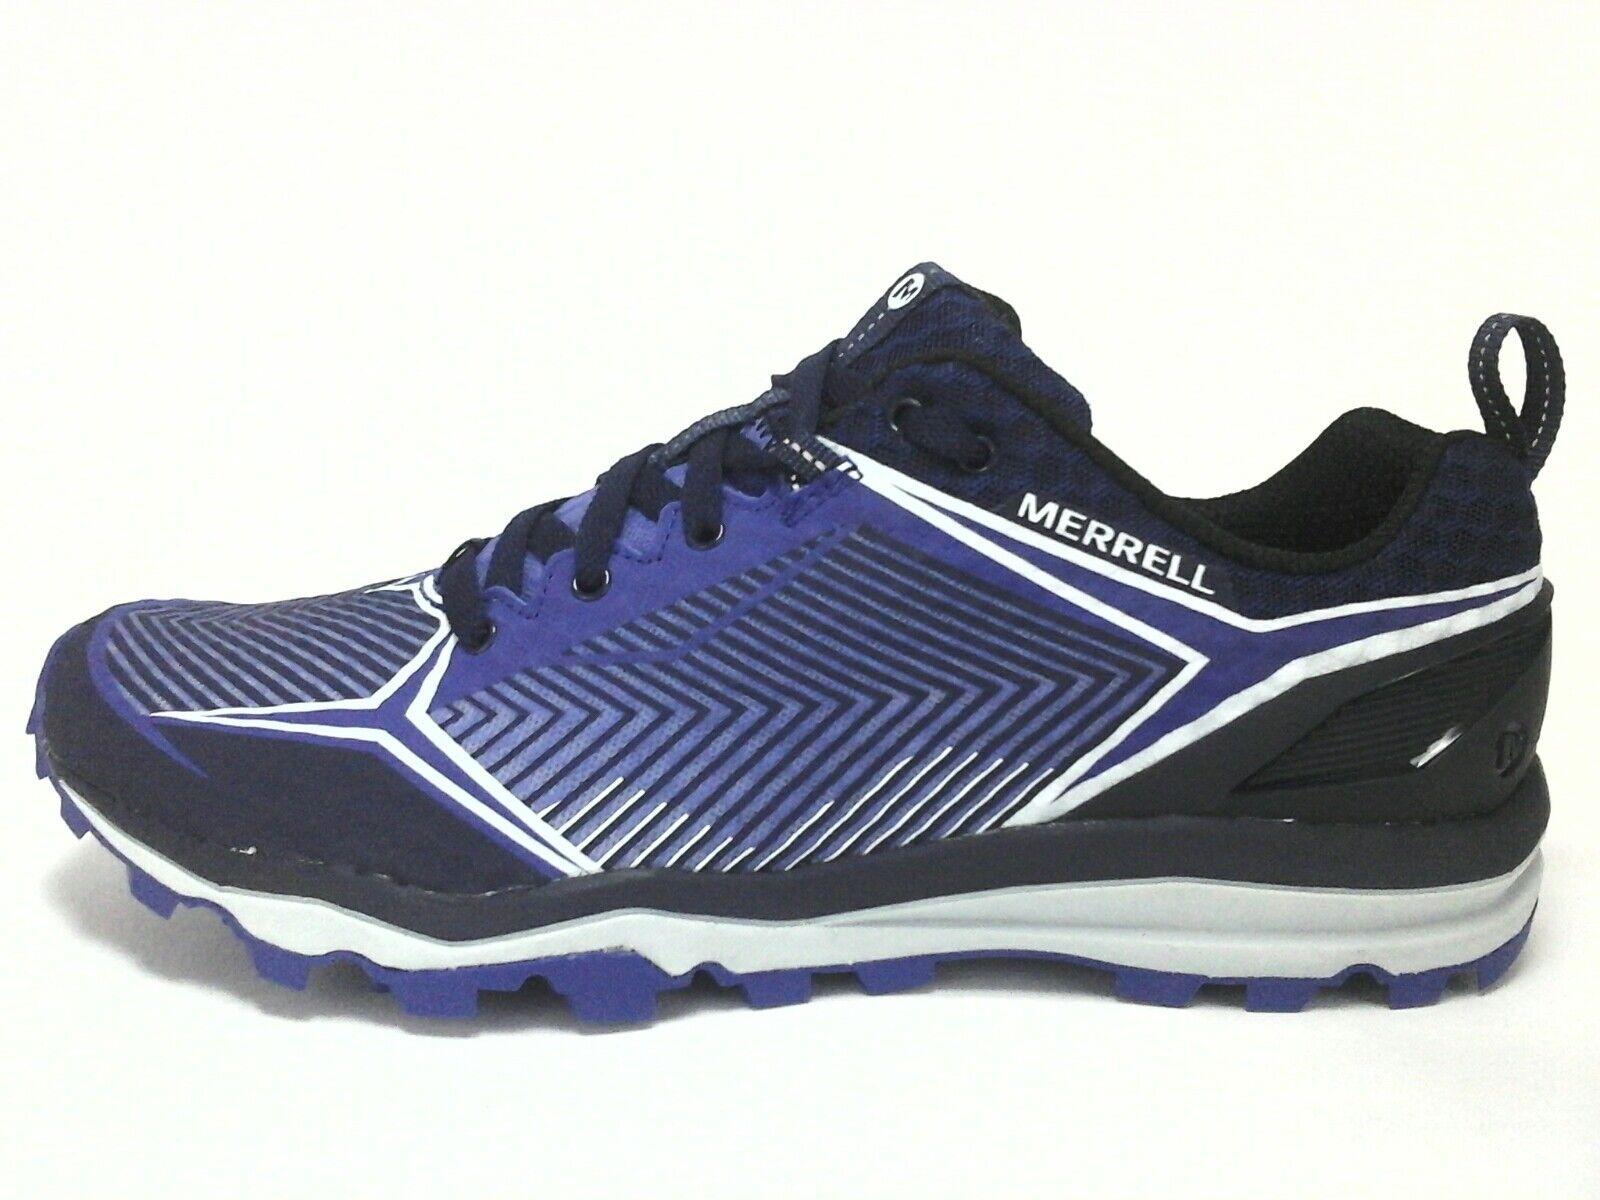 Zapatos Merrell Senderismo navegar por la la la web Azul para Mujer Zapatillas Trail Running US 10 EU 41  servicio considerado